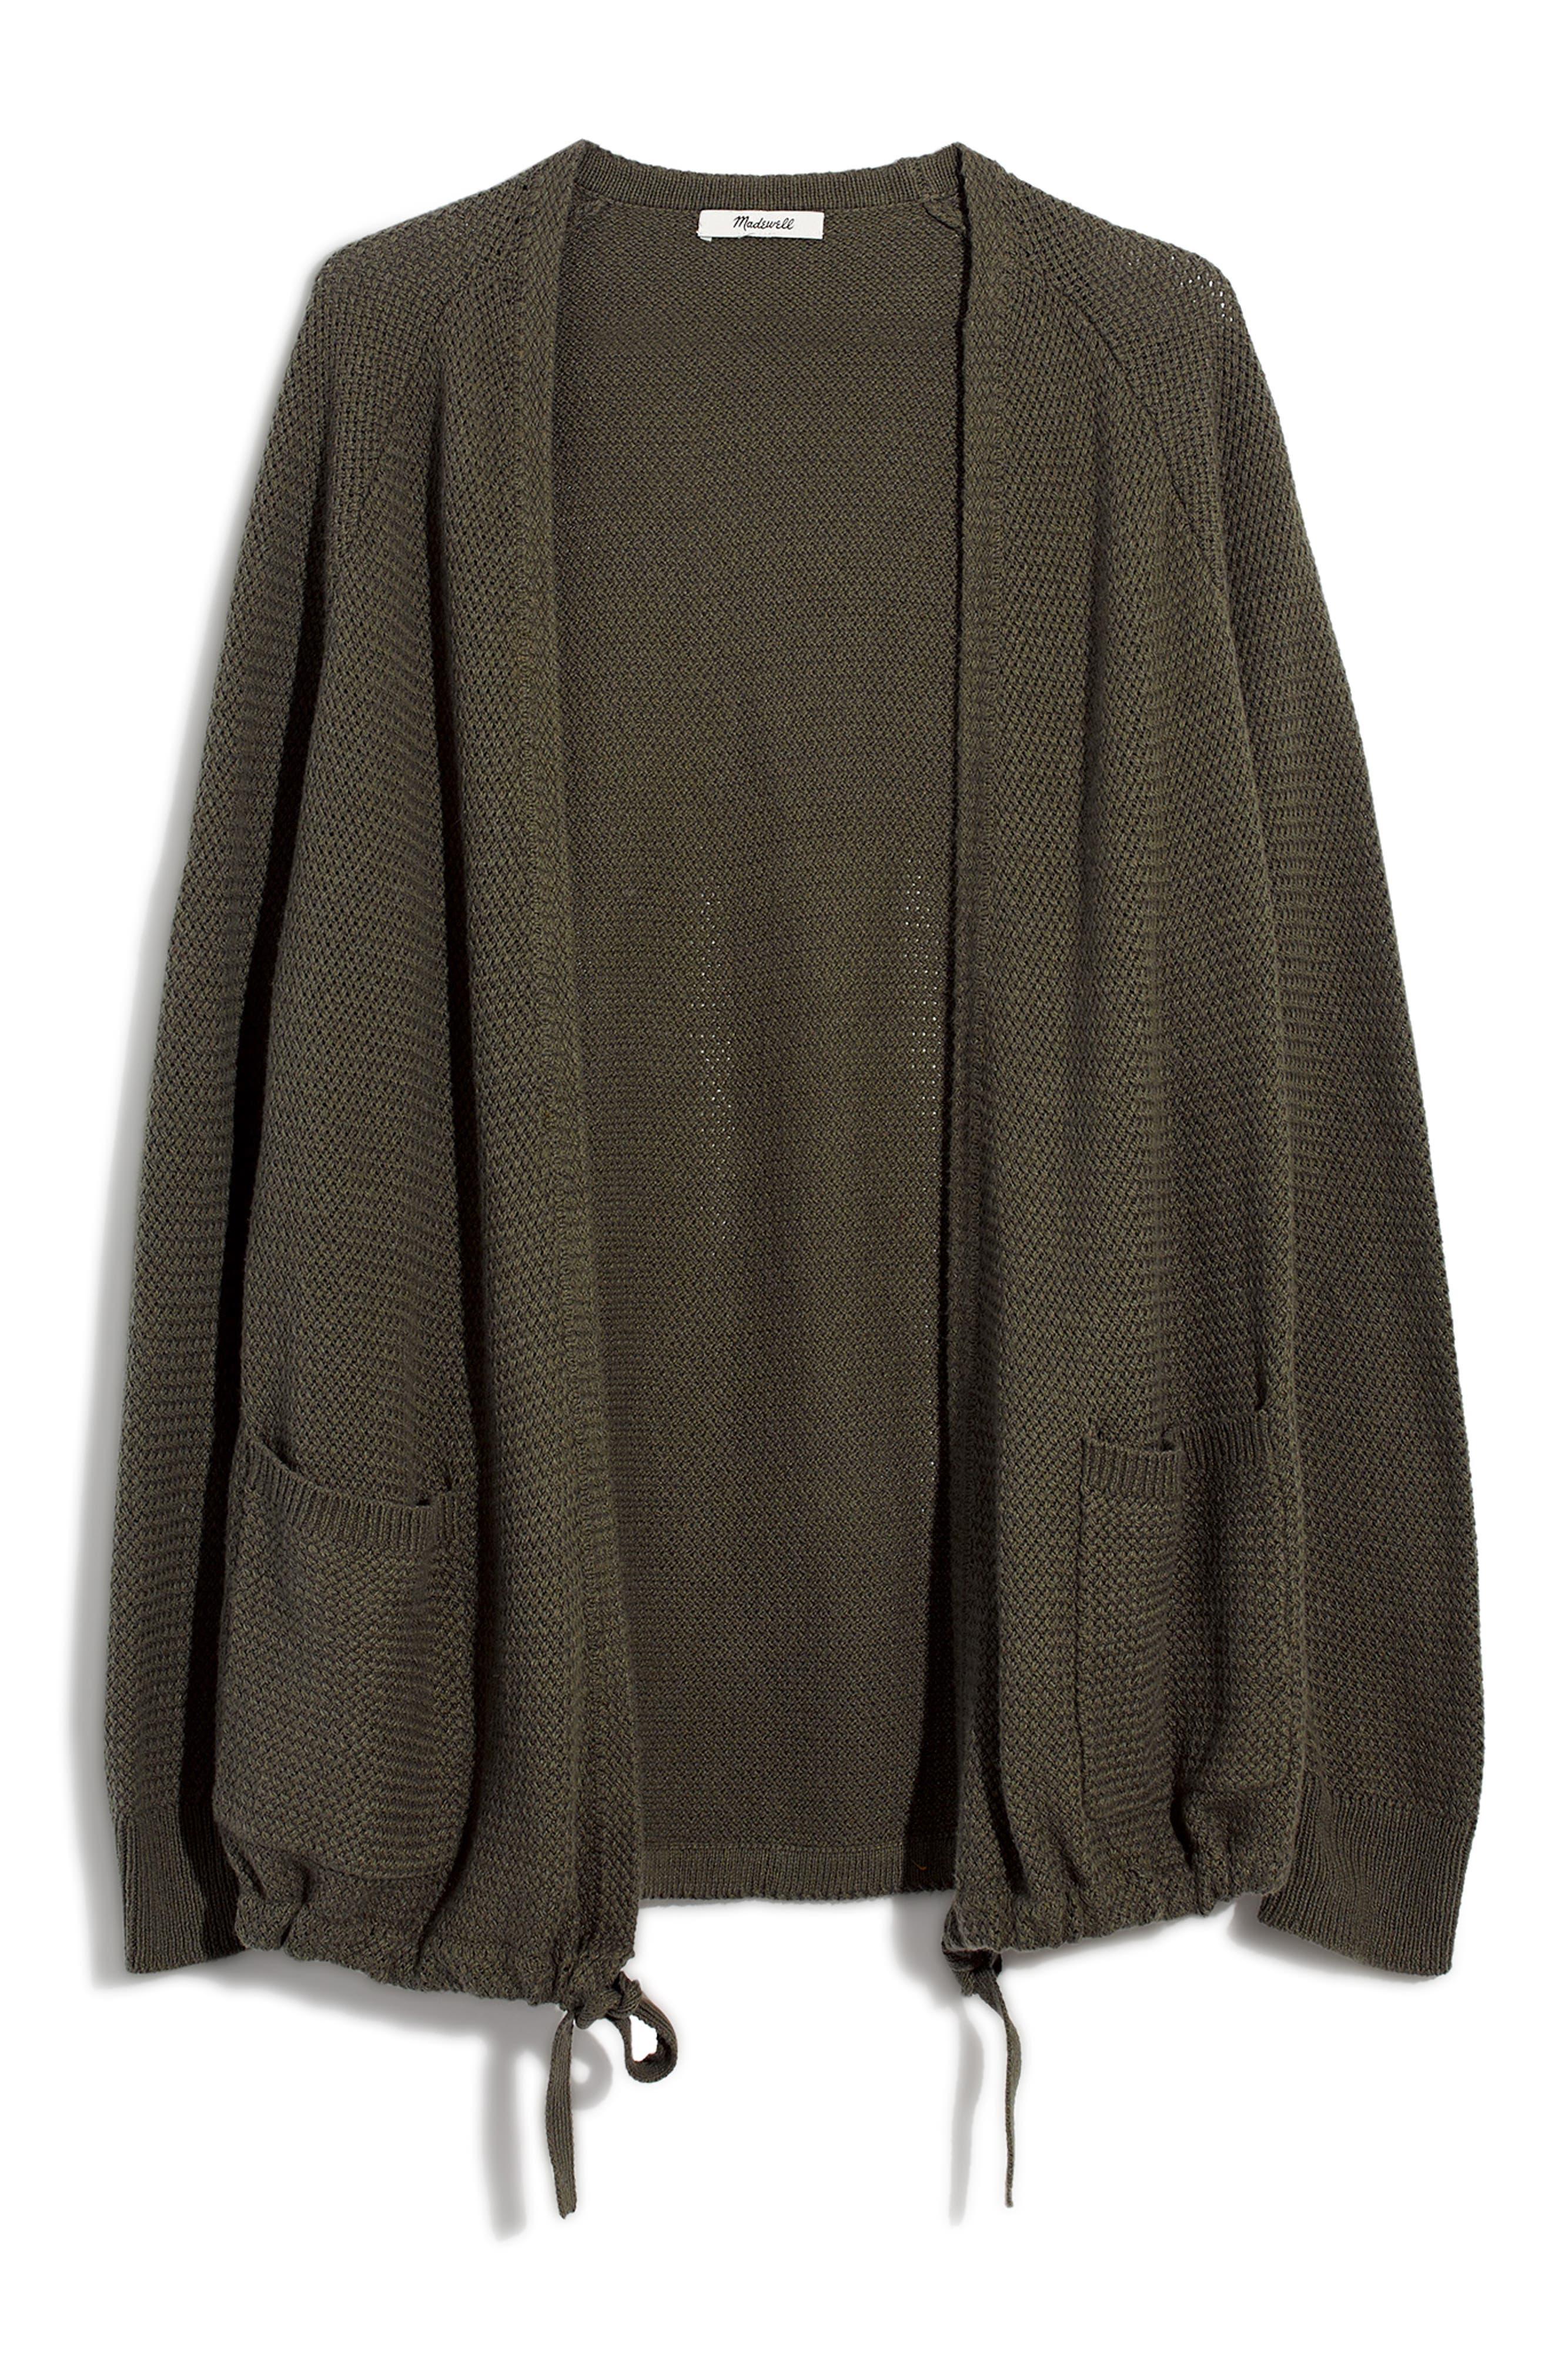 Palisades Cardigan Sweater,                             Main thumbnail 1, color,                             300